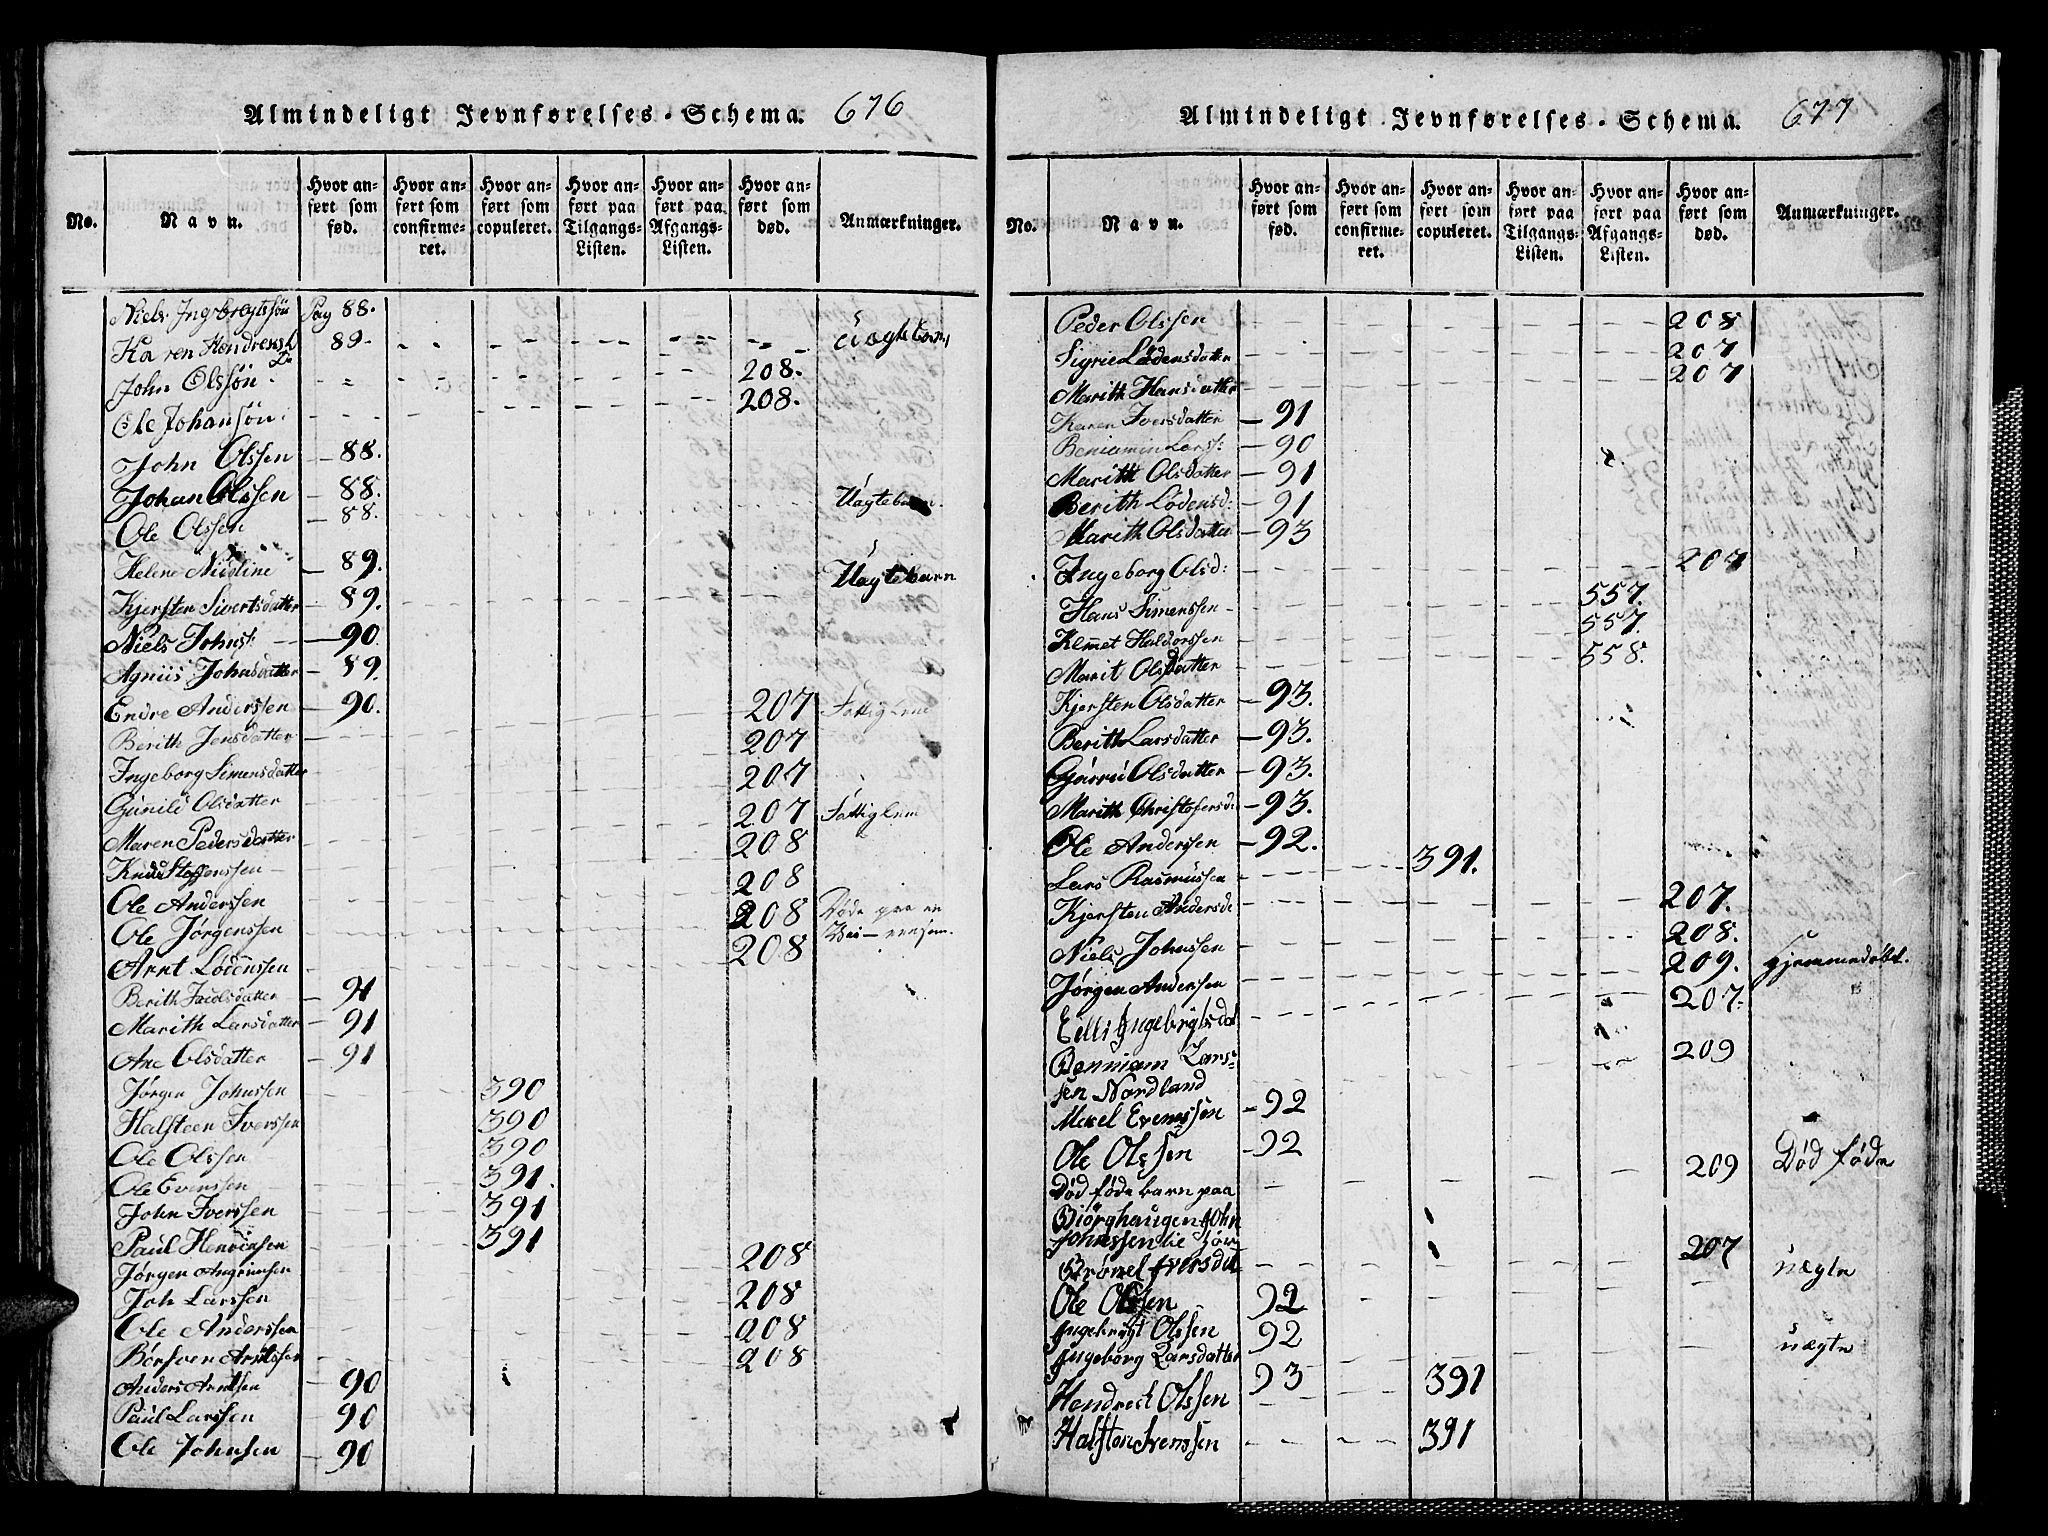 SAT, Ministerialprotokoller, klokkerbøker og fødselsregistre - Sør-Trøndelag, 667/L0796: Klokkerbok nr. 667C01, 1817-1836, s. 676-677